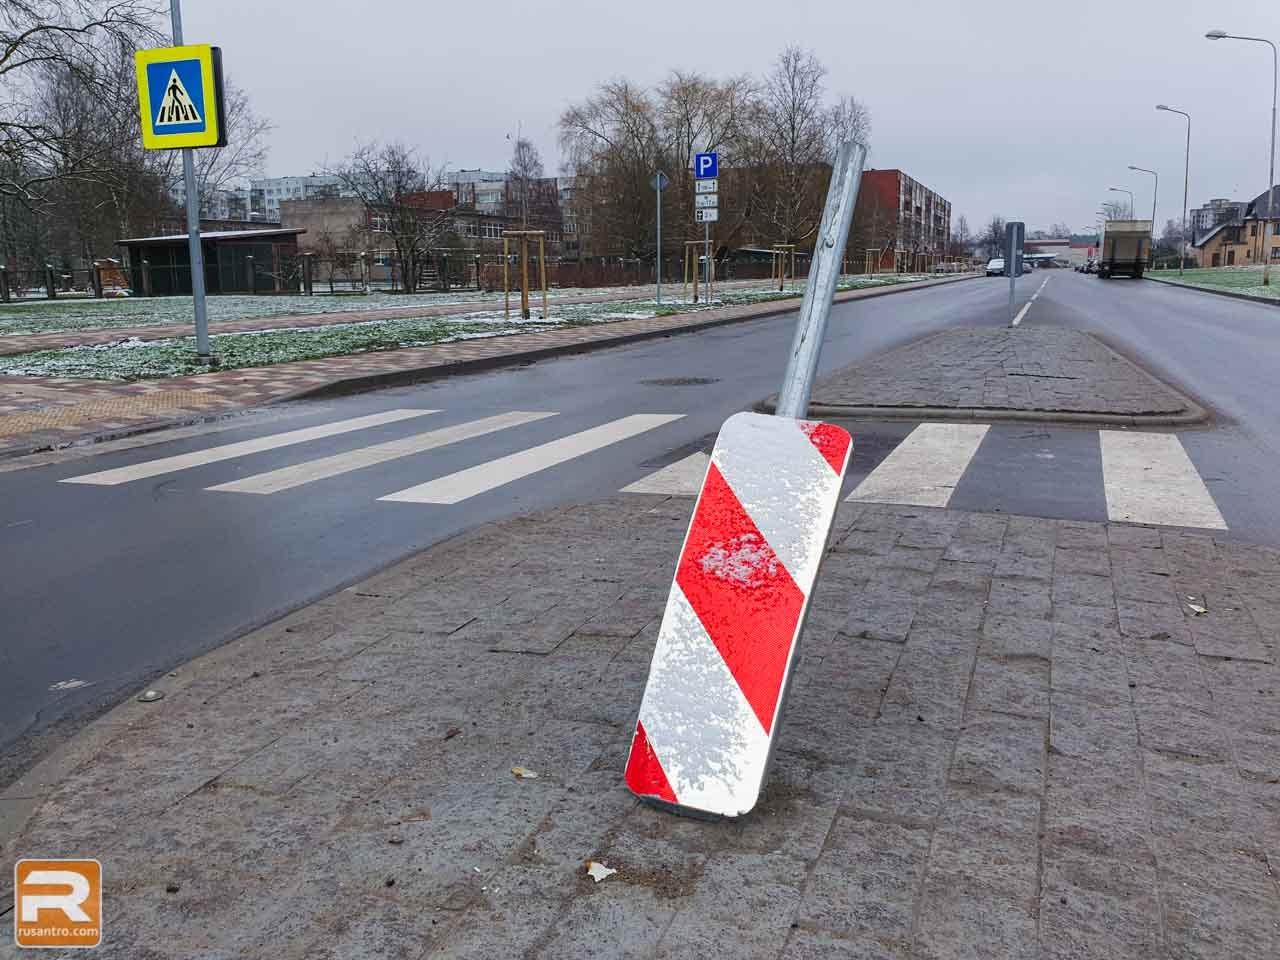 Bojāta ceļu zīme uz gājēju pārejas drošības saliņas